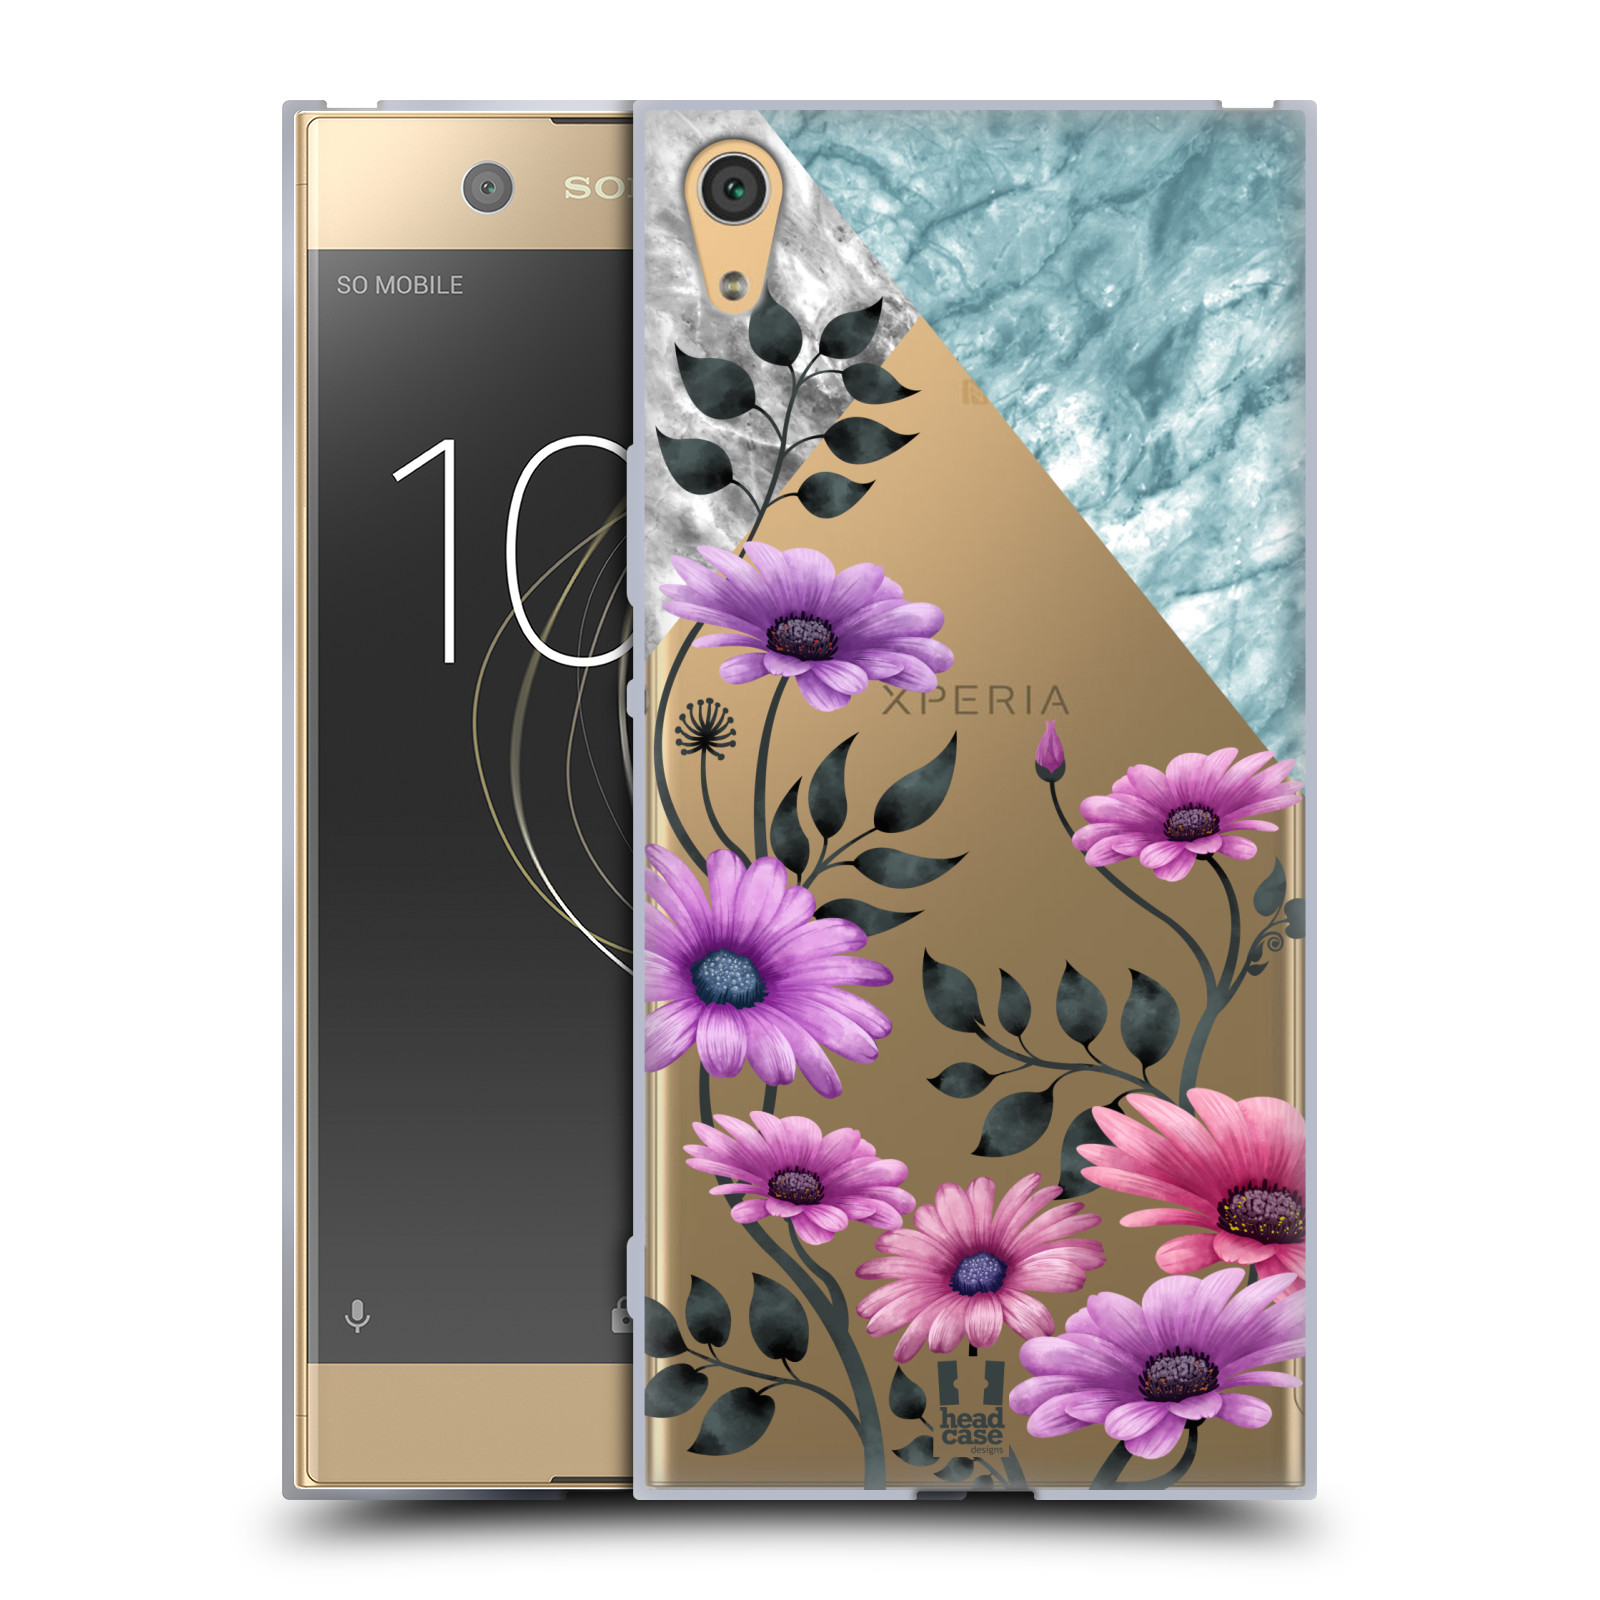 HEAD CASE silikonový obal na mobil Sony Xperia XA1 ULTRA květiny hvězdnice, Aster fialová a modrá